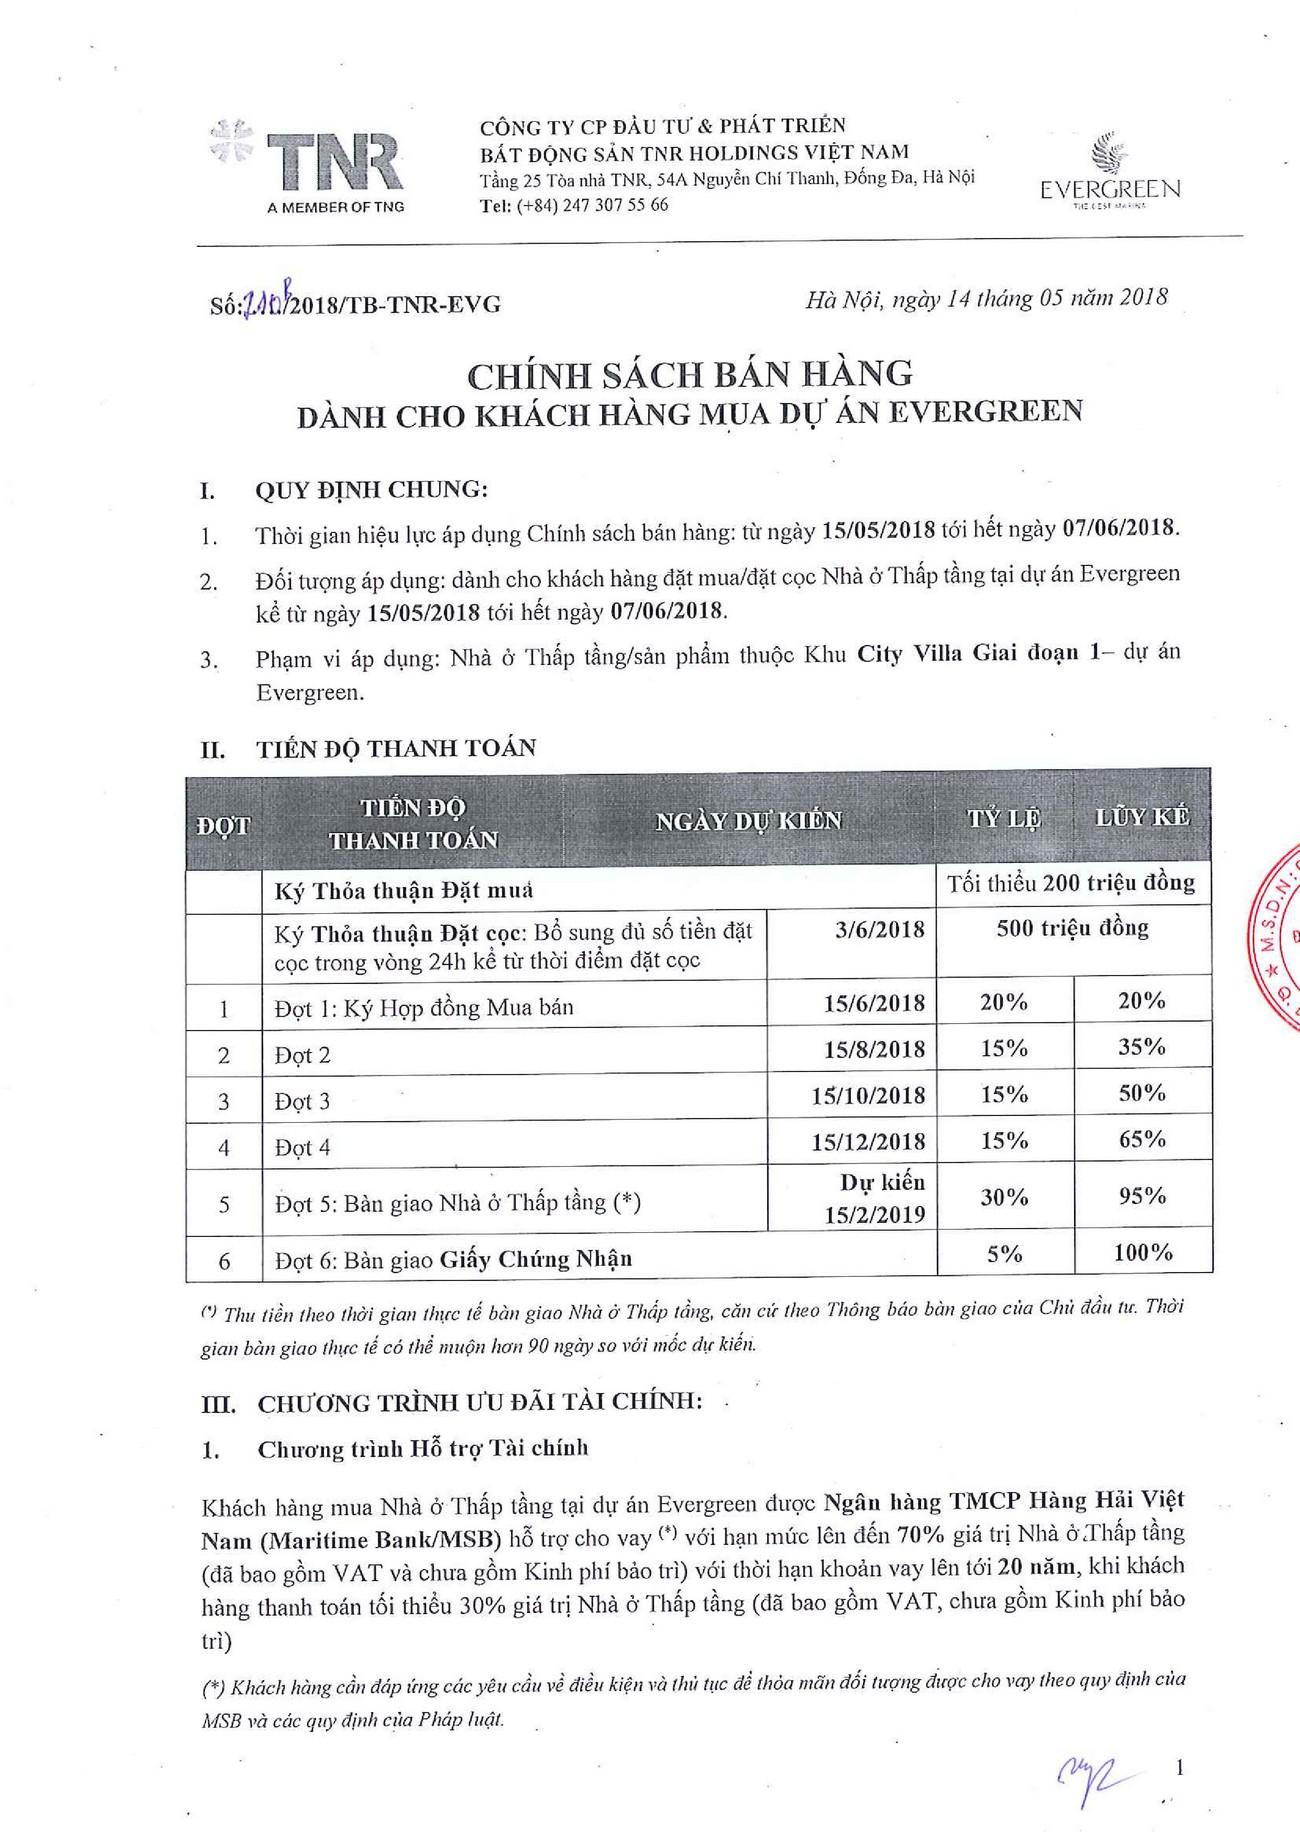 Phương thức thanh toán dự án biệt thự chung cư TNR Evergreen Quận 7 Đường Nguyễn Lương Bằng chủ đầu tư TNR Holding